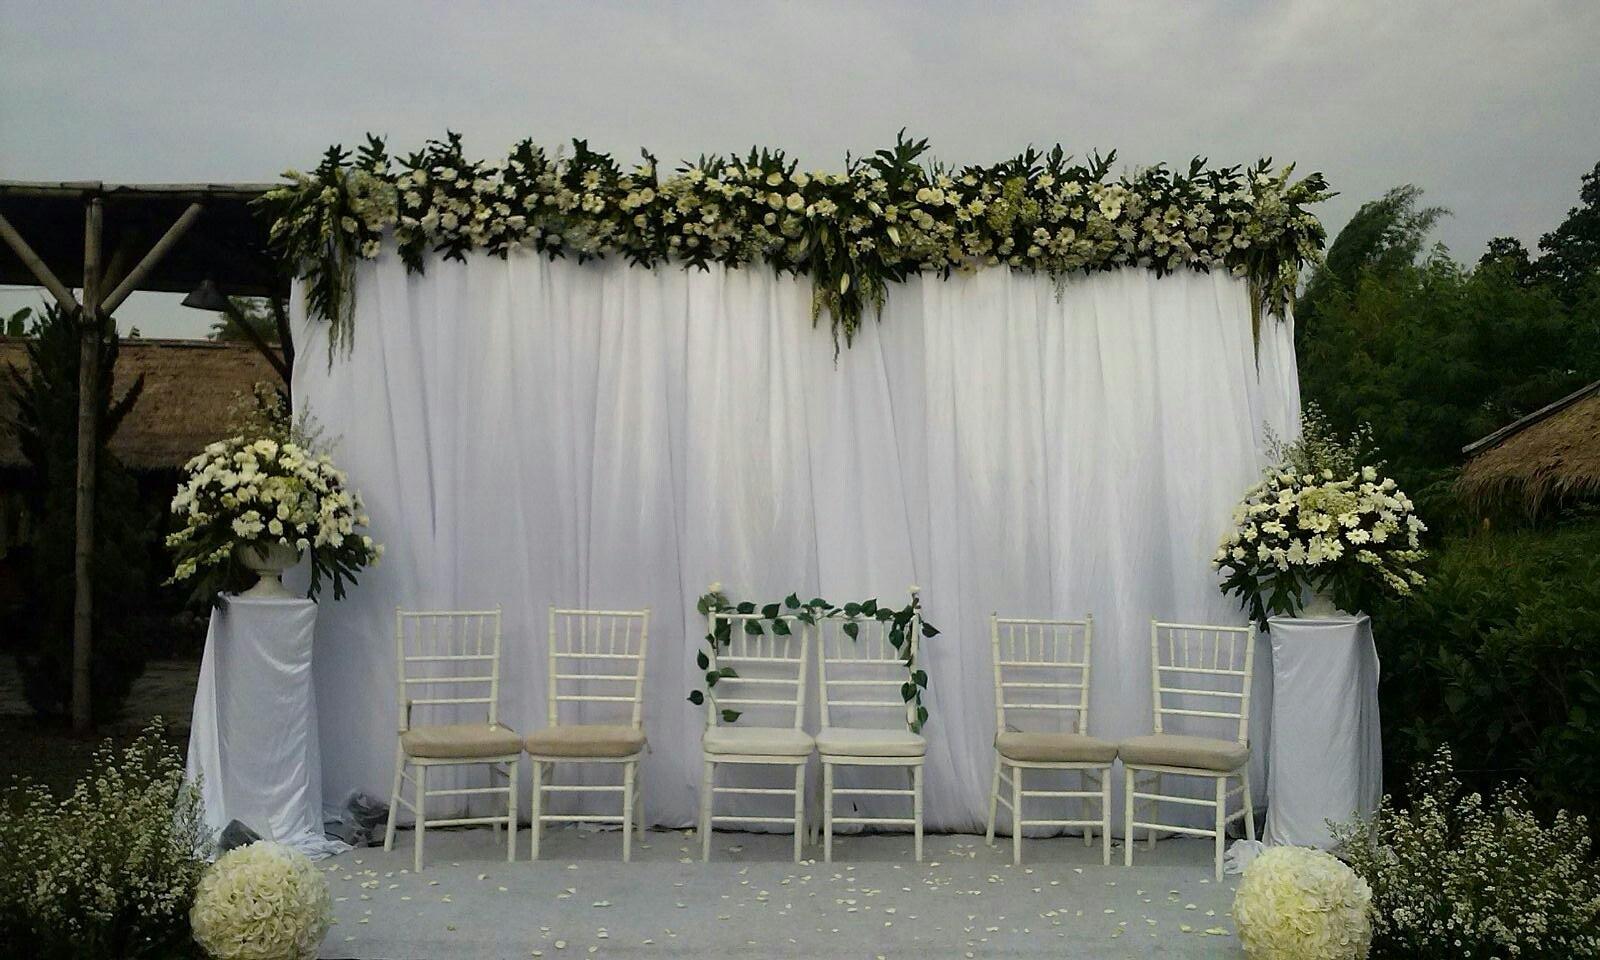 13 dekorasi pernikahan outdoor minimalis murah rumah impian for Dekorasi rumah minimalis